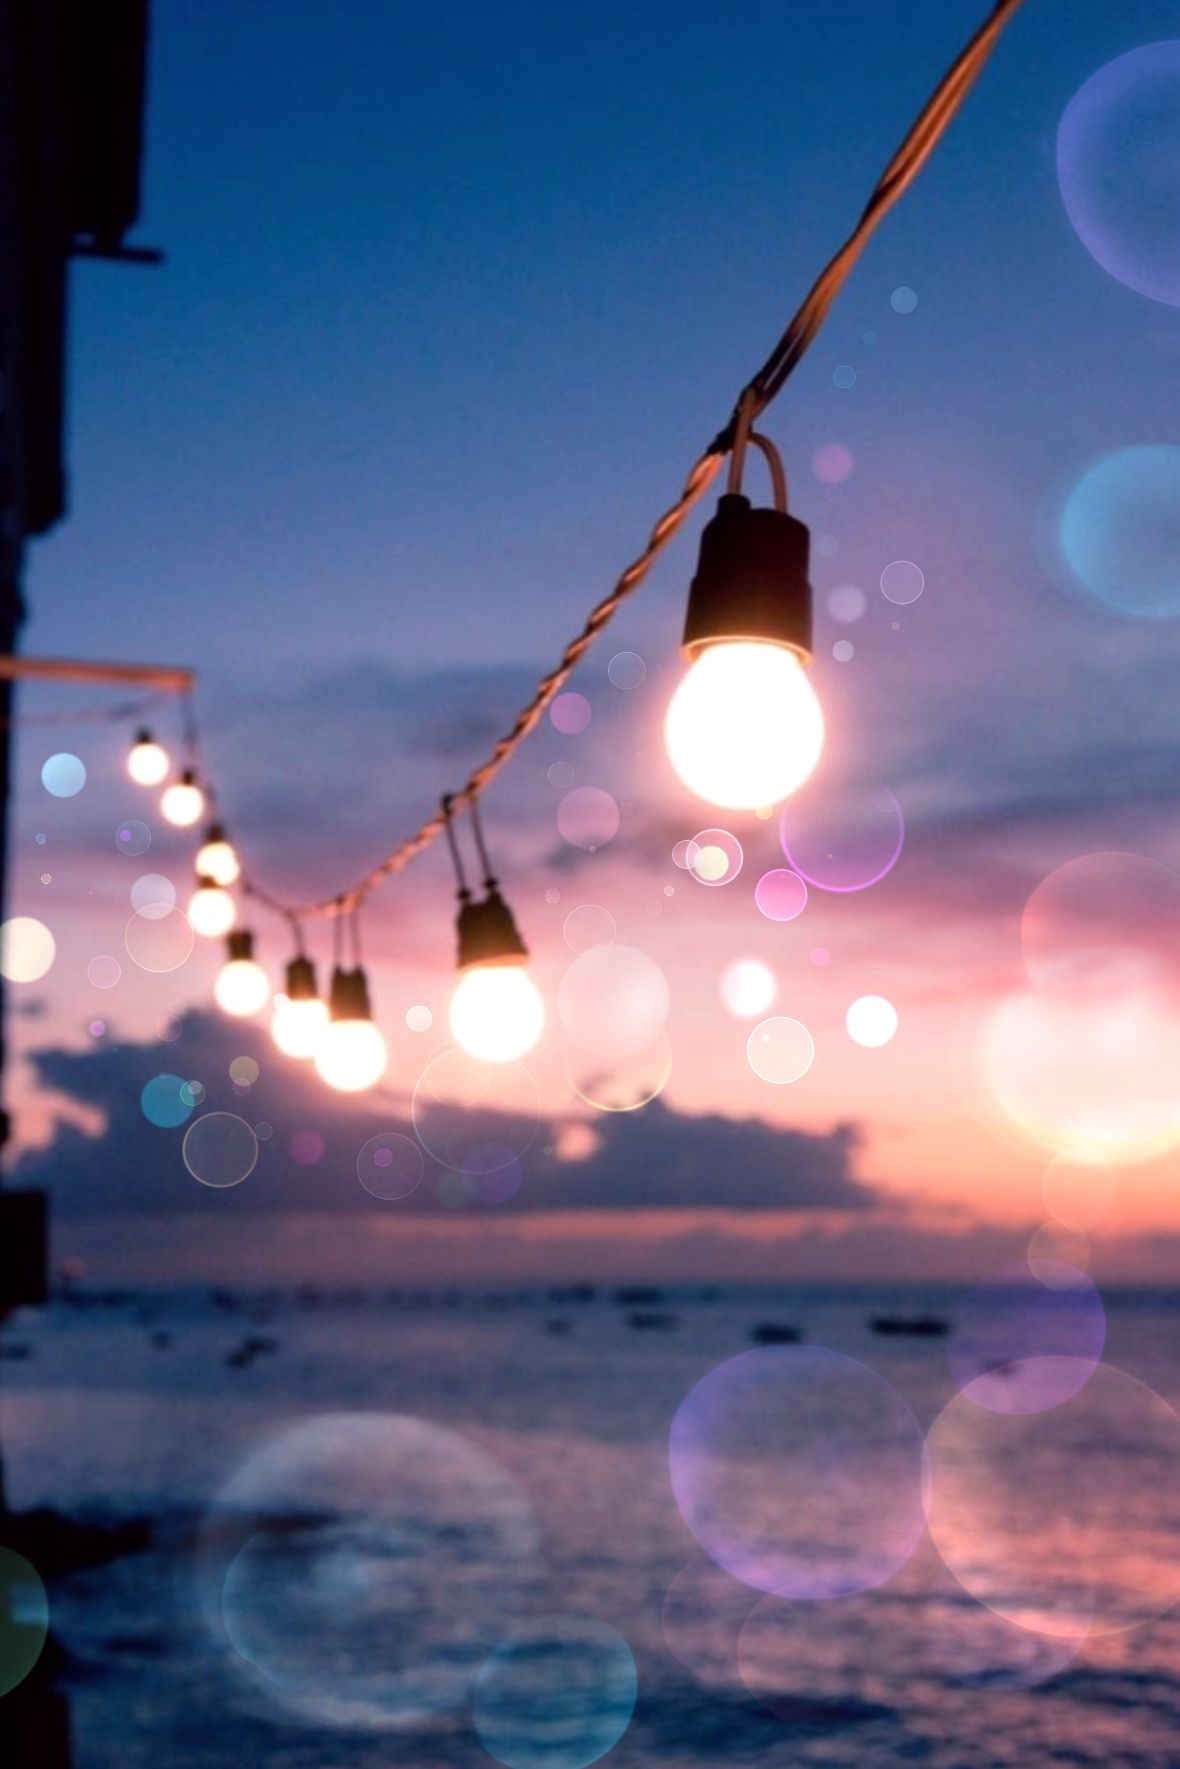 Bokeh Lights Evening Dusk Summer Wallpaper